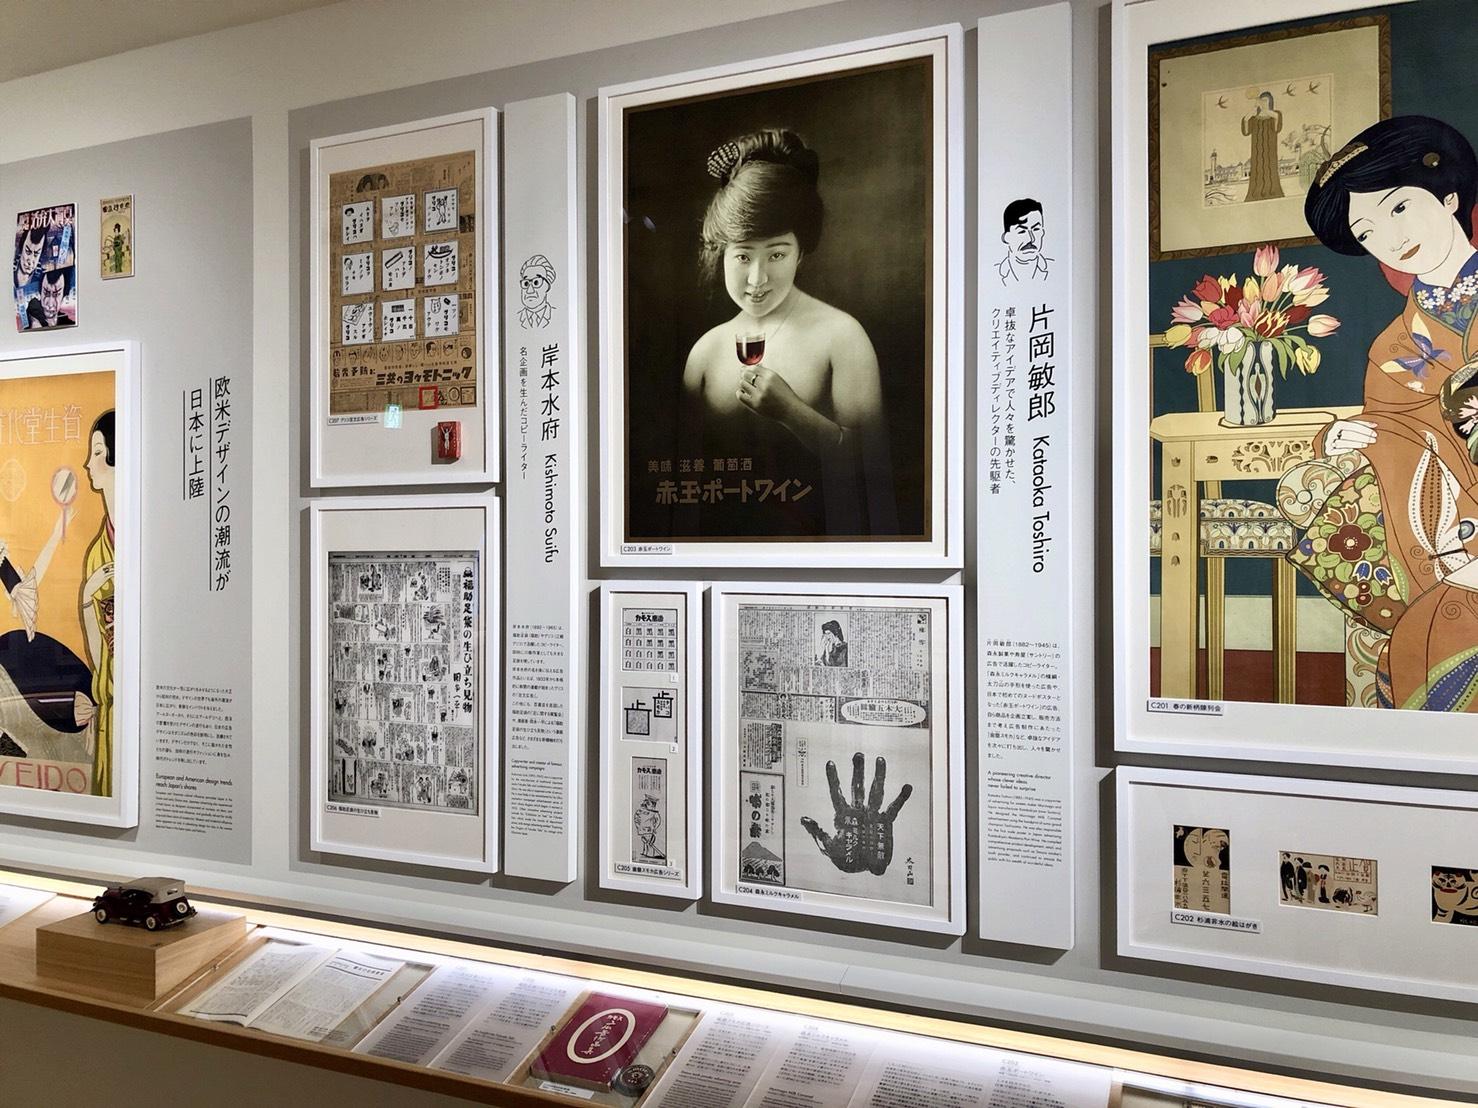 片岡敏郎に関する展示(アドミュージアム東京)